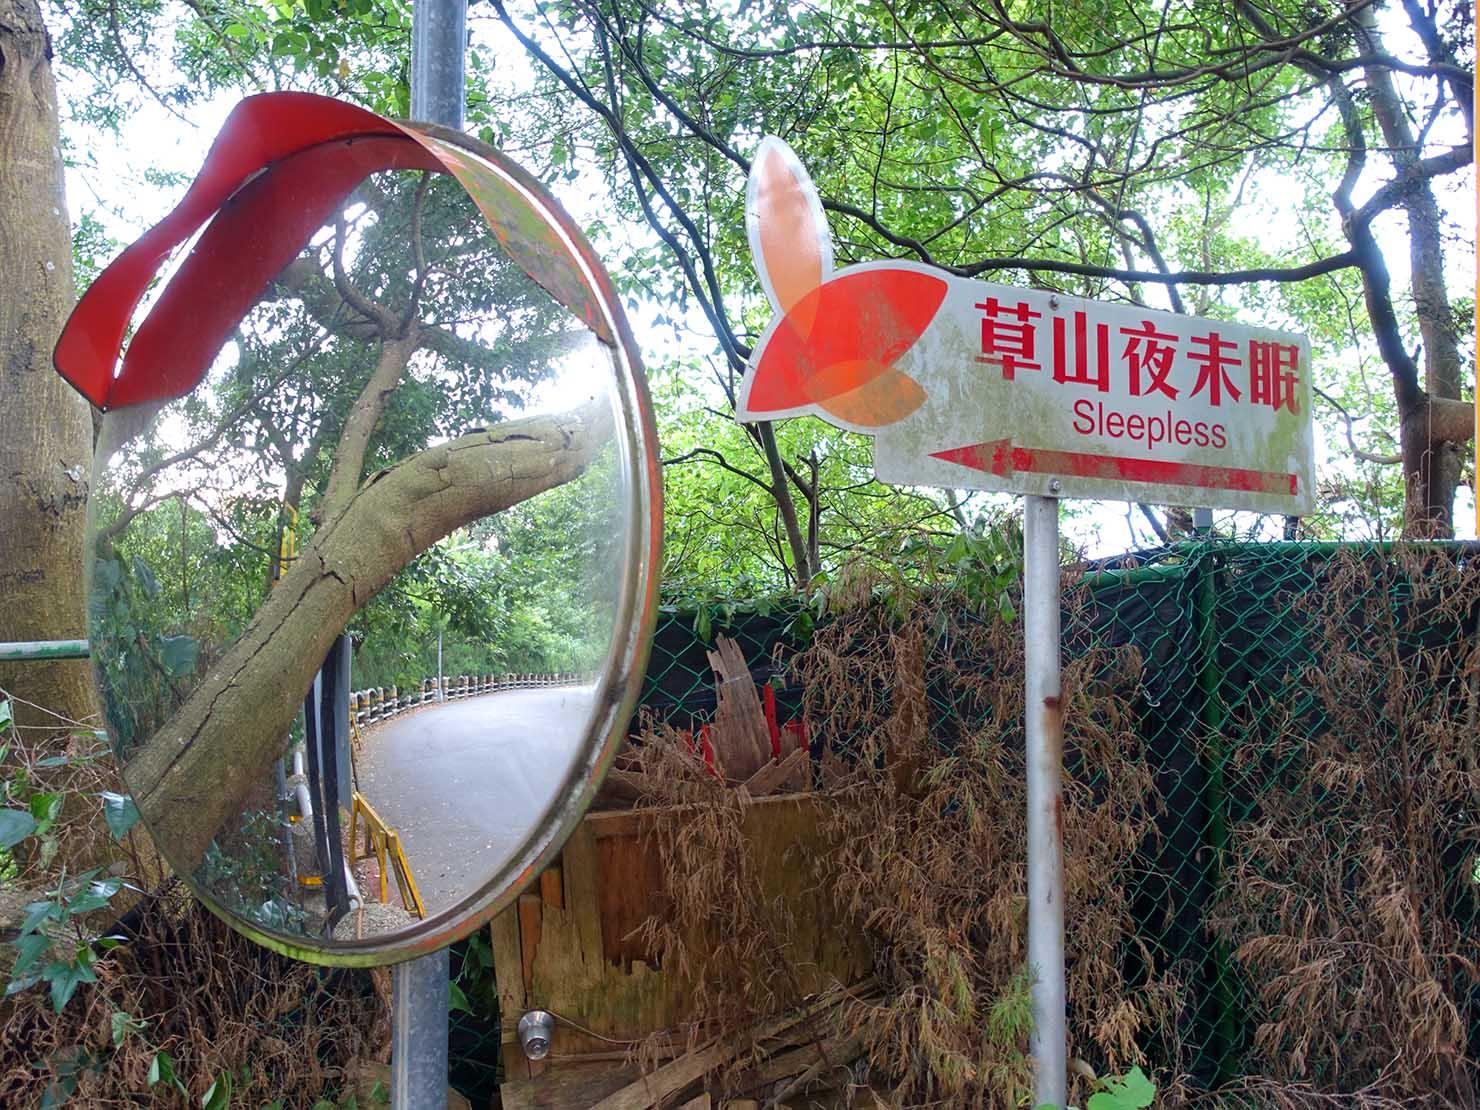 台北・陽明山のレストラン「草山夜未眠」へのアクセス(光華路61巷4弄の道しるべ)